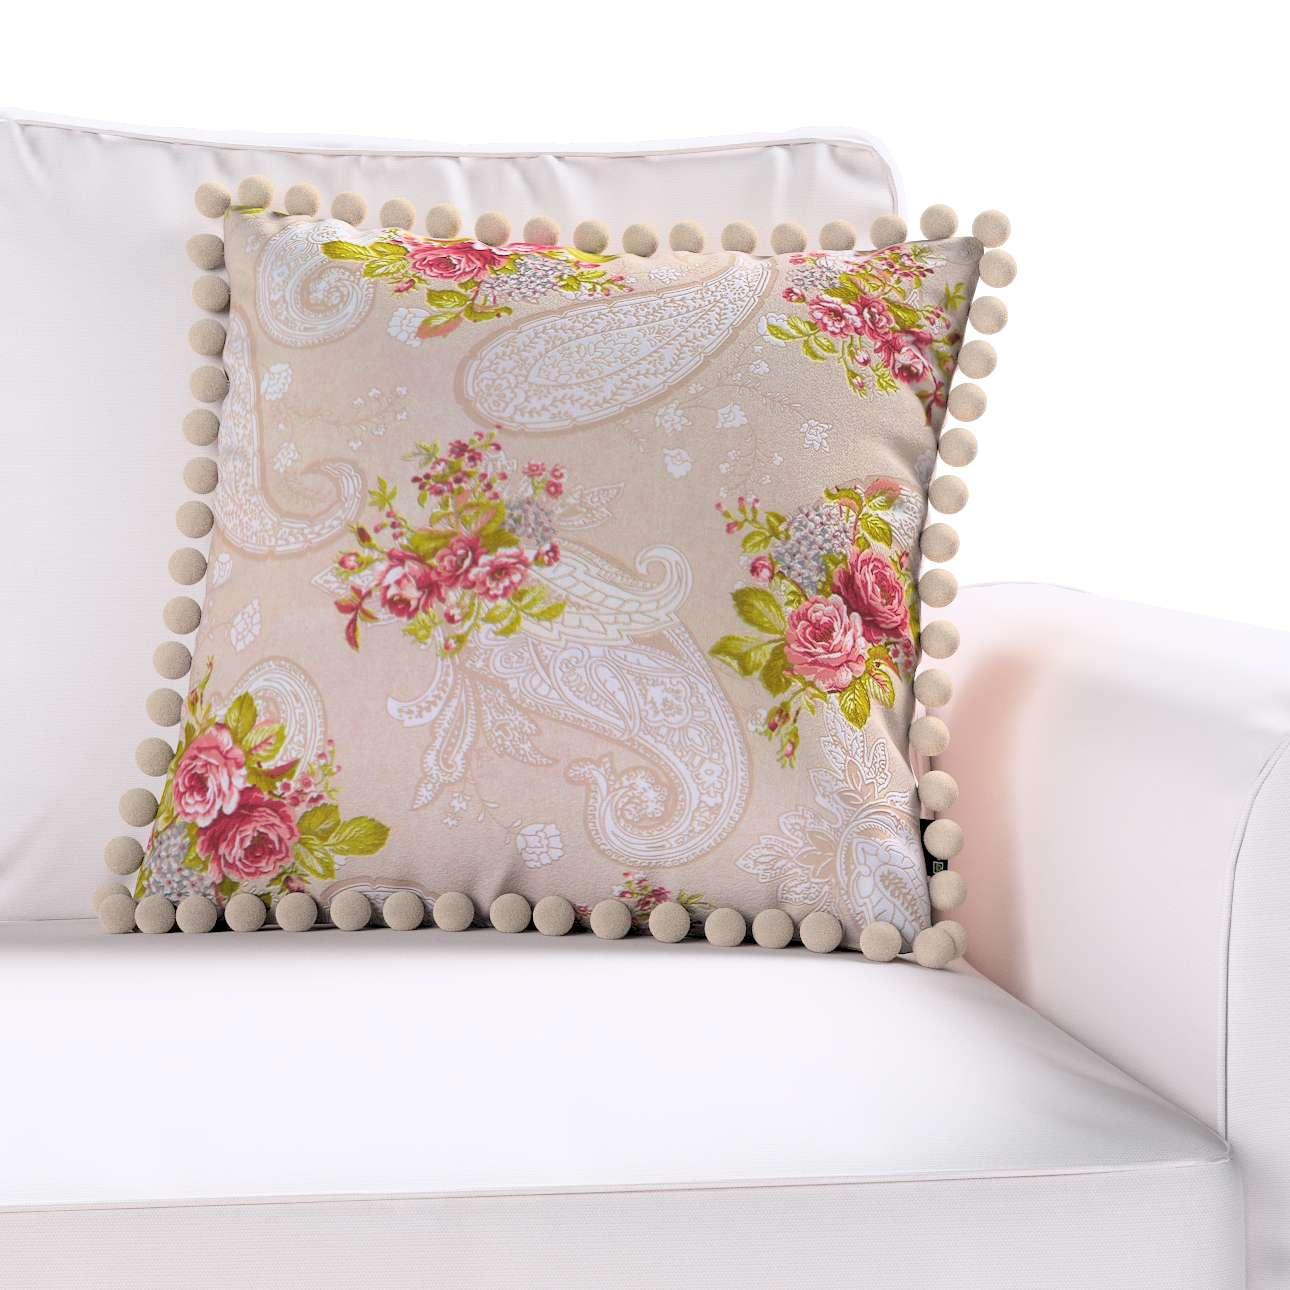 Poszewka Wera na poduszkę 45 x 45 cm w kolekcji Flowers, tkanina: 311-15